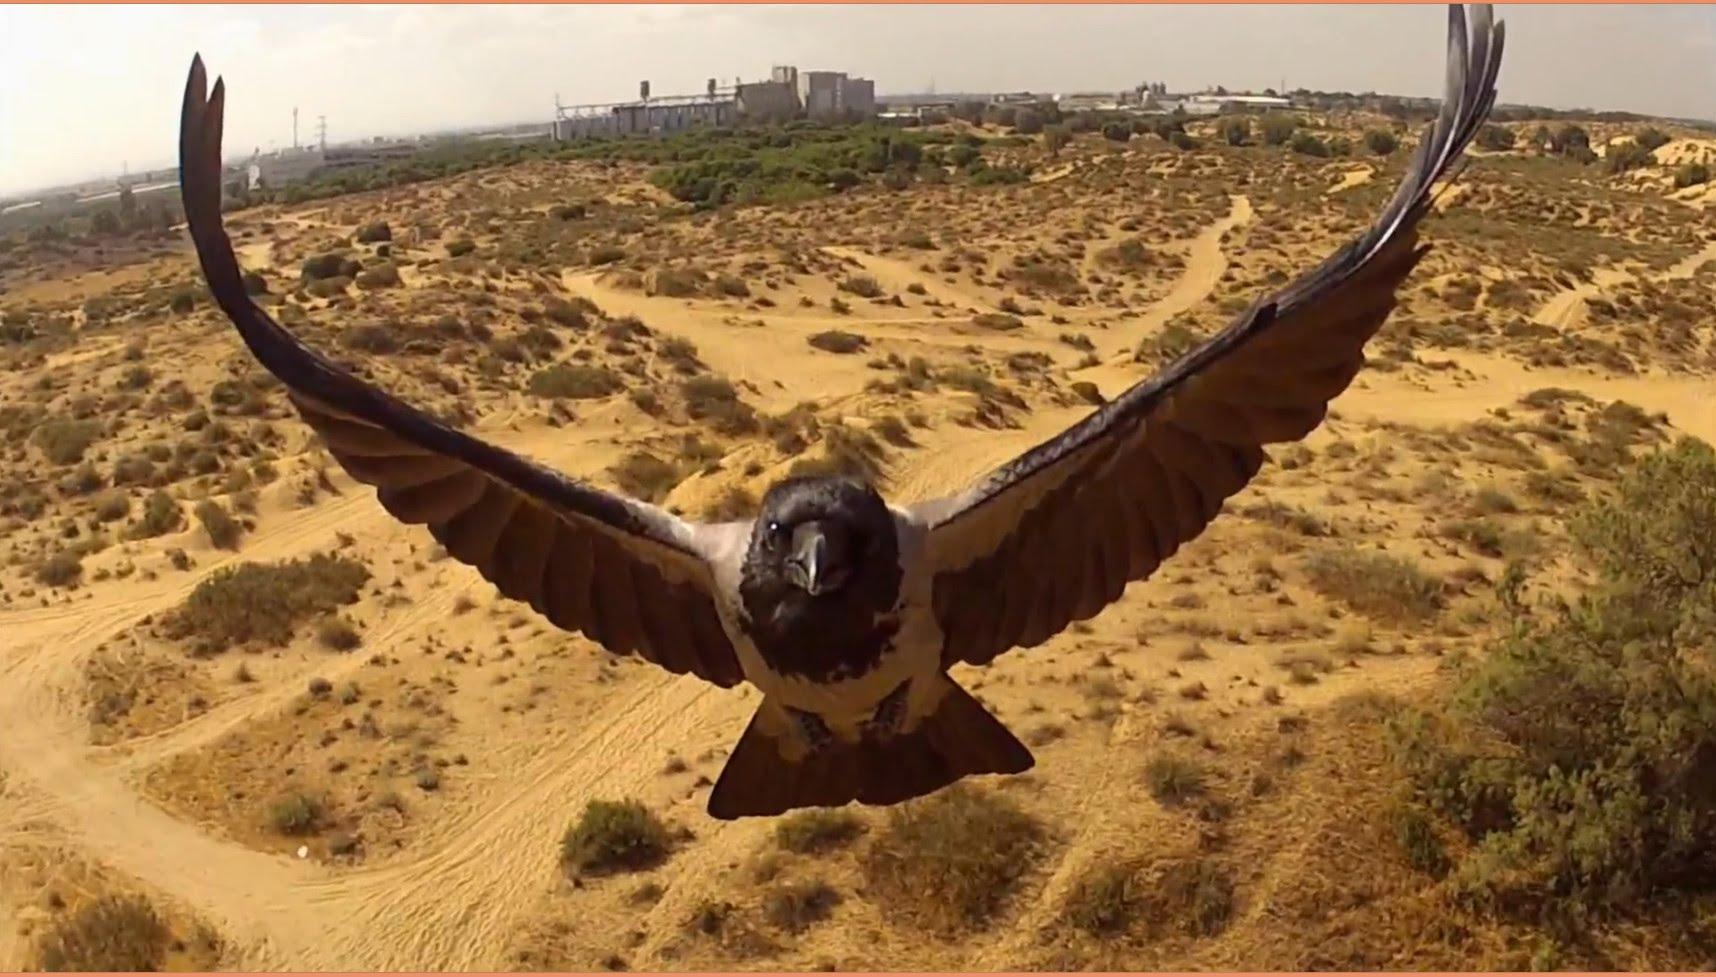 ドローンによる動物の新たな一面を記録した映像